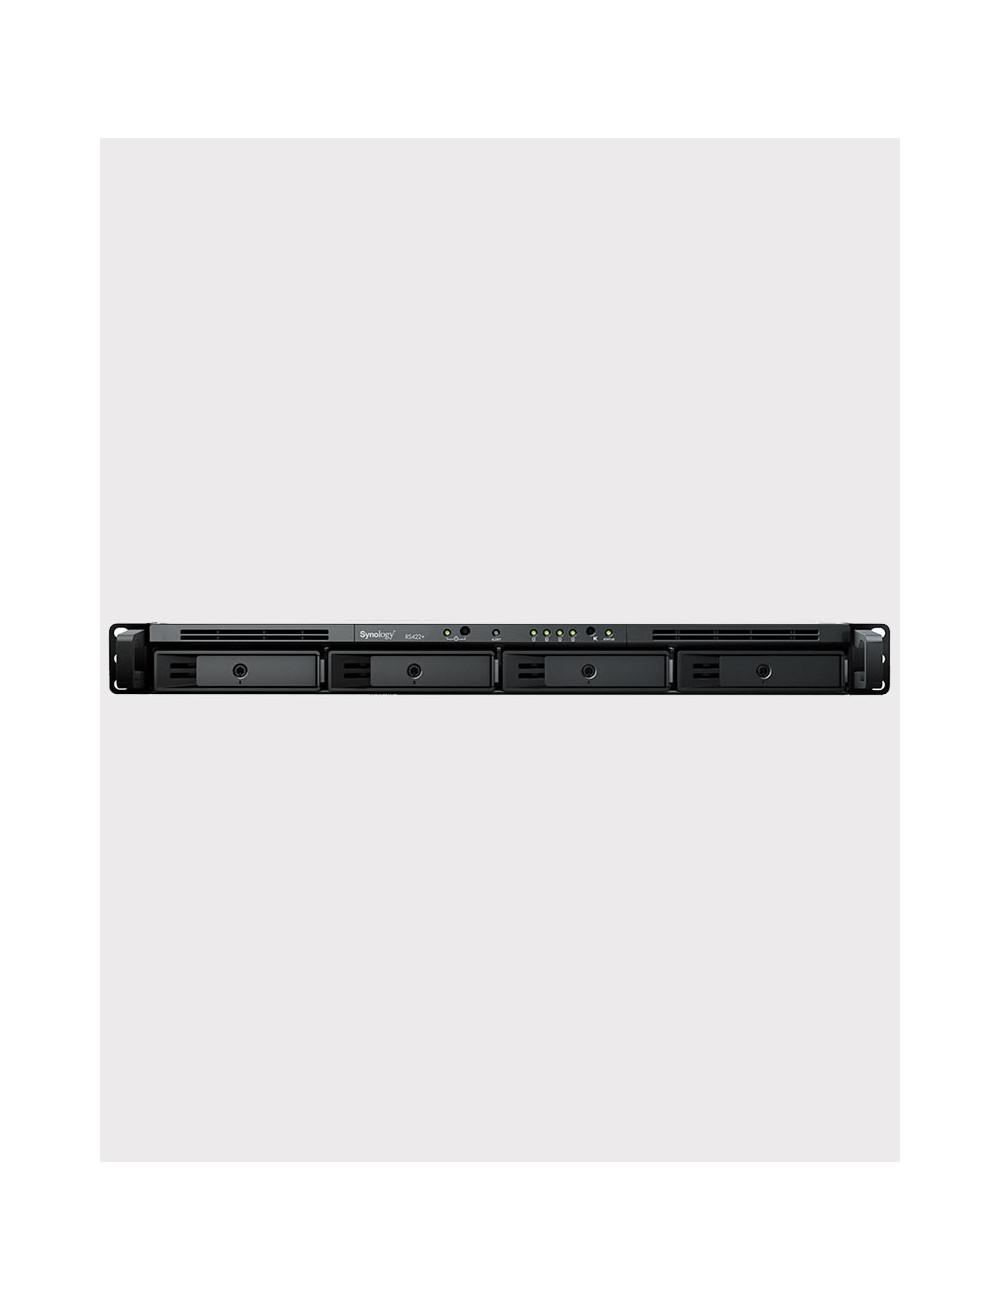 Pack 5 BAL ZIMBRA Standard + 1 Domaine .COM - 1 an